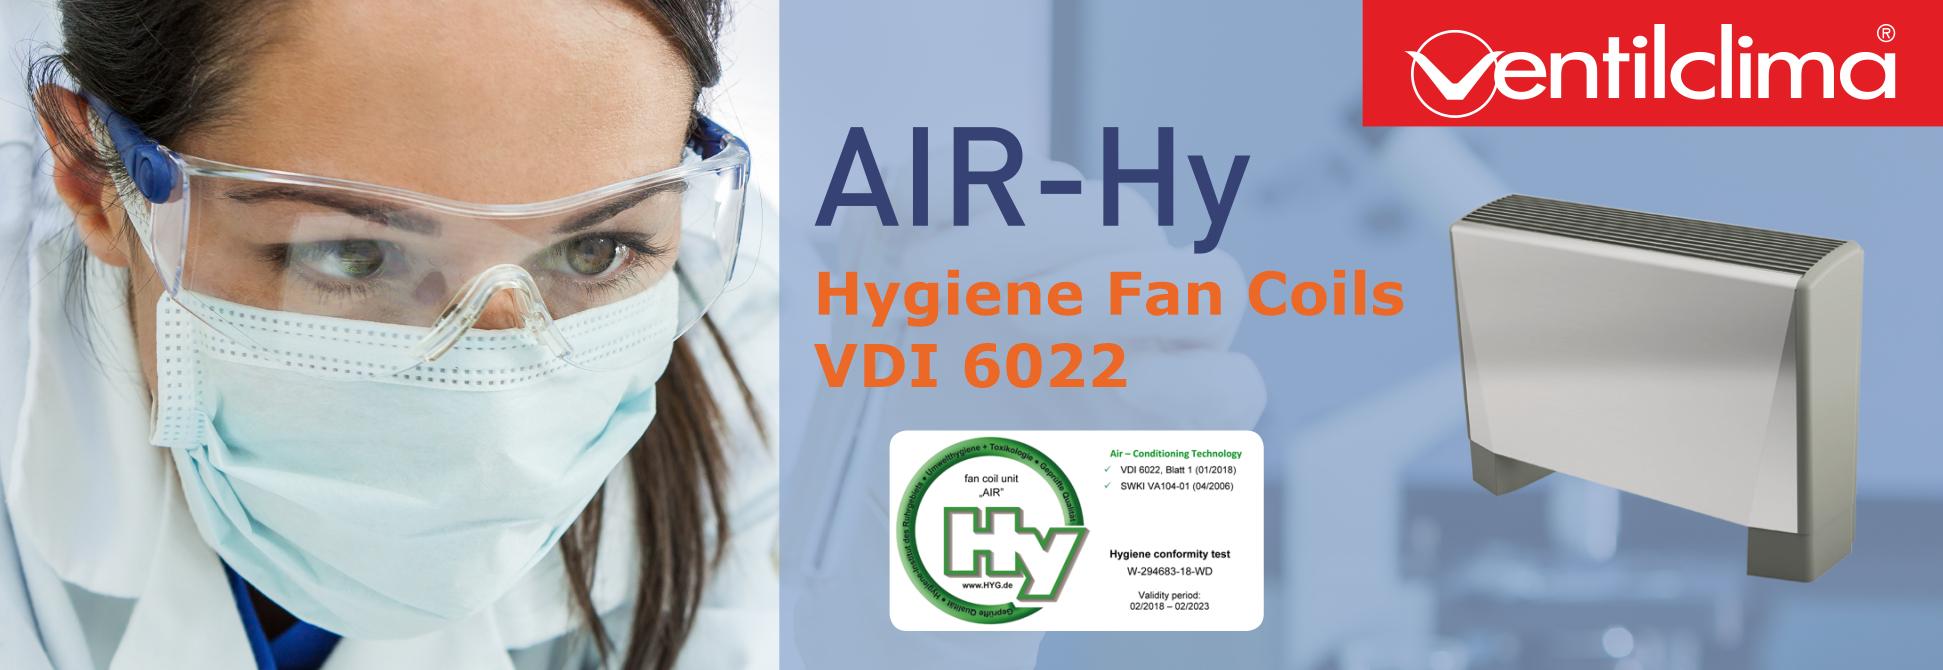 Banner Air Hy